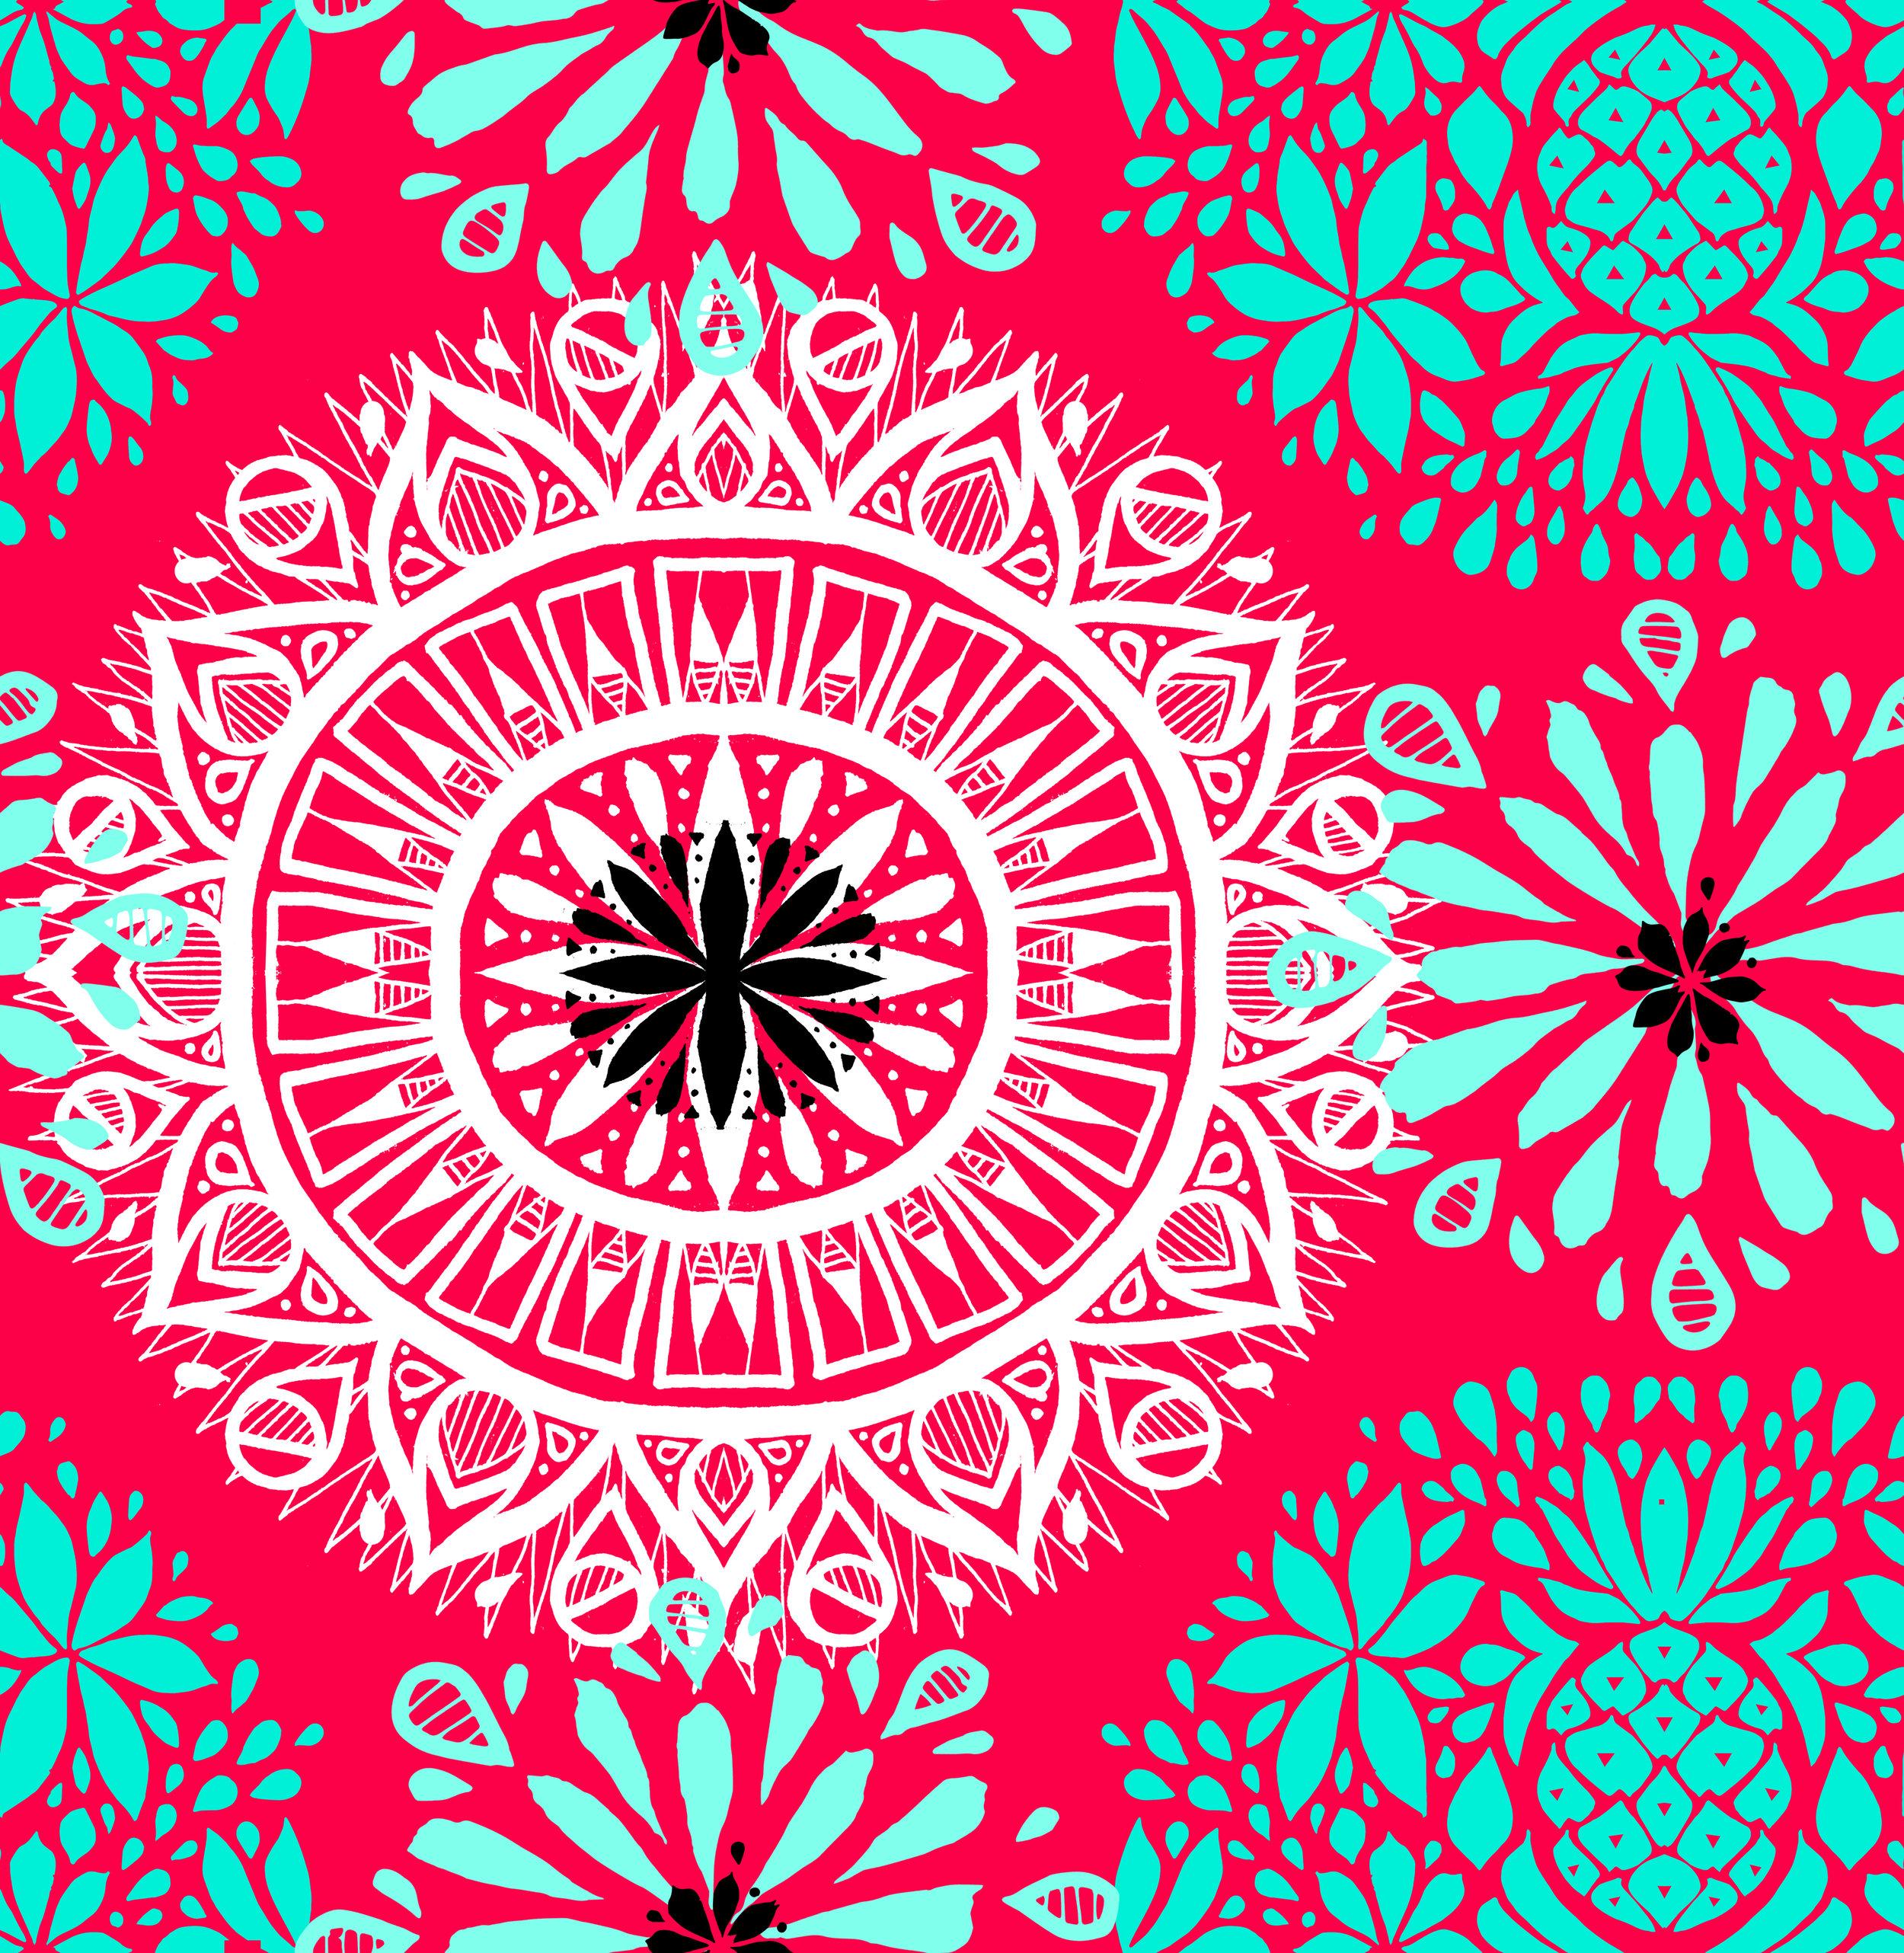 Mandala Pineapple_repeat_square.jpg